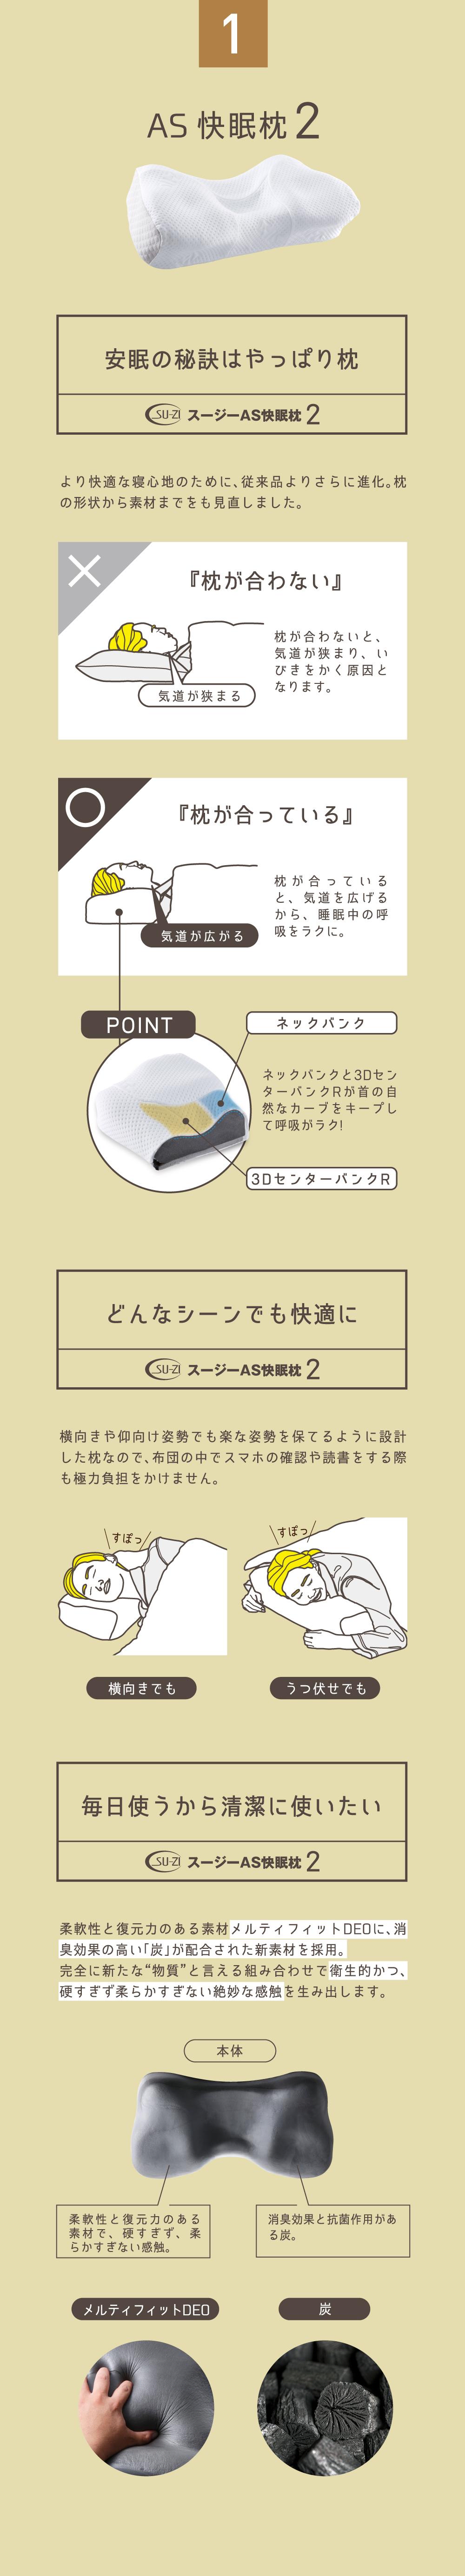 新生活応援!寝具特集 AS快眠枕2